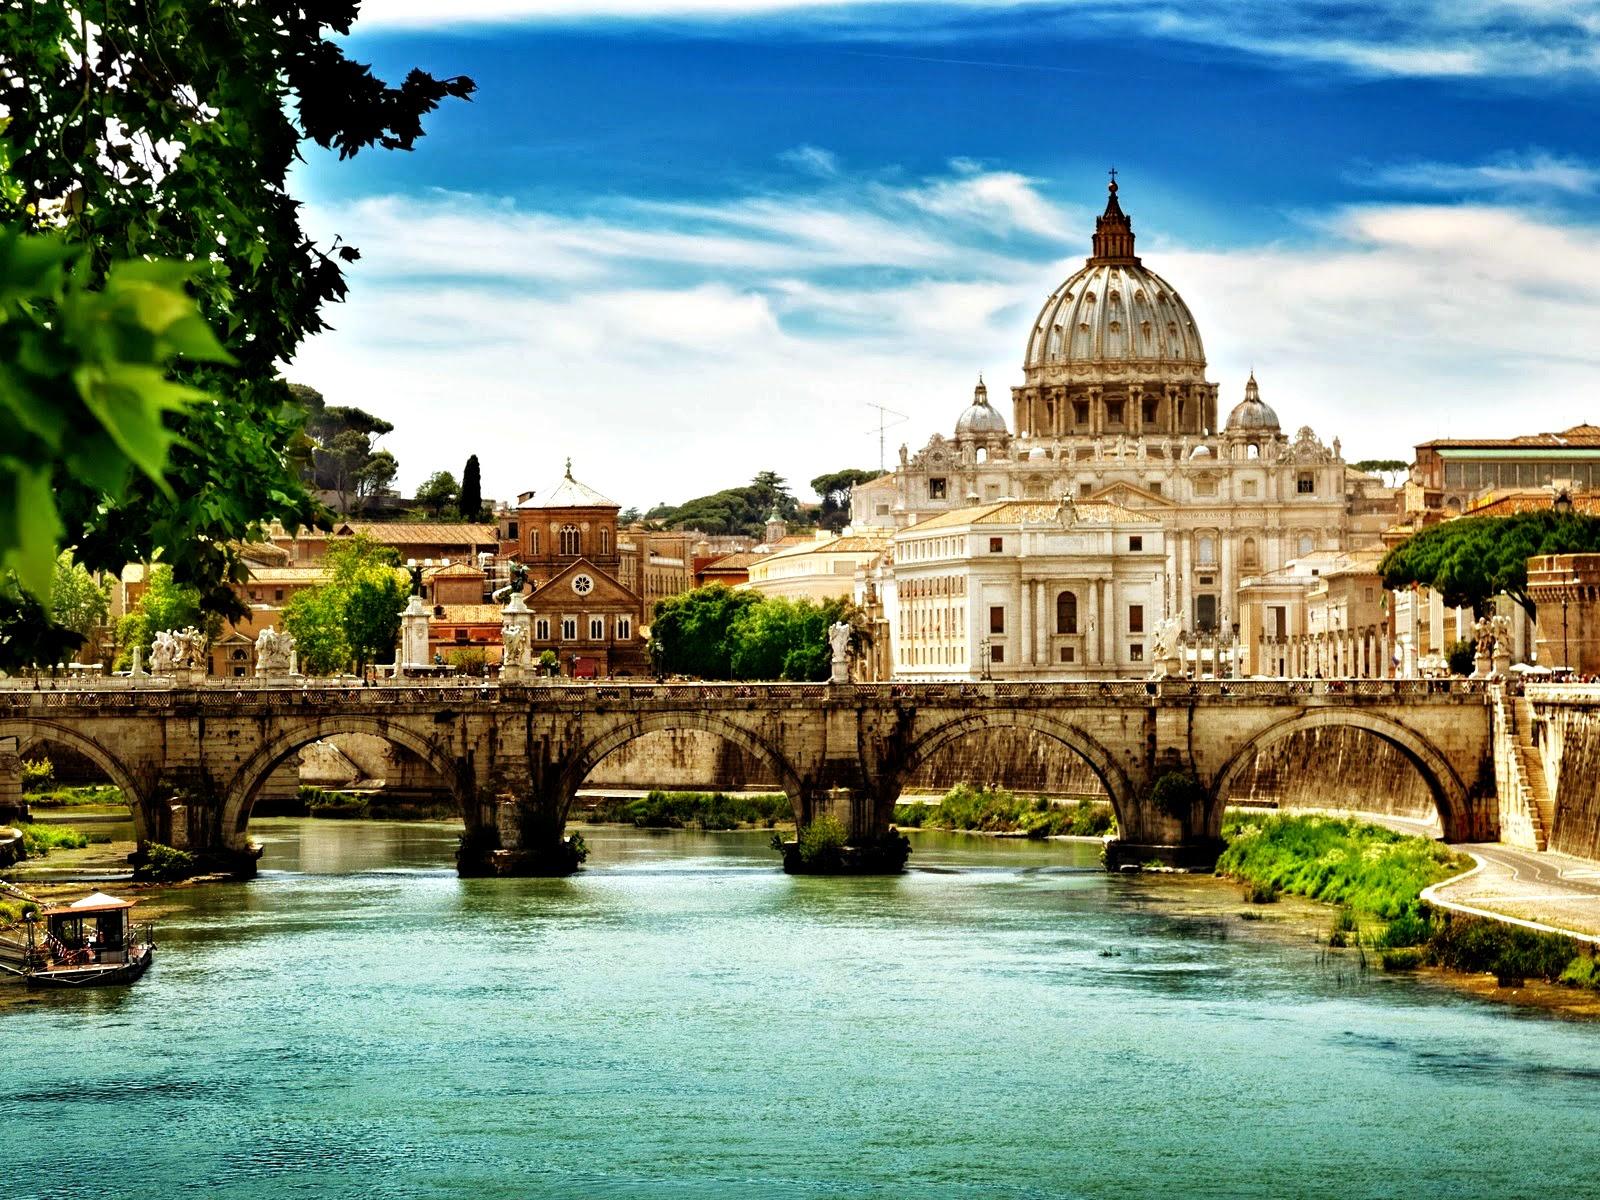 Italia al quarto posto nella classifica dei paesi più belli del mondo